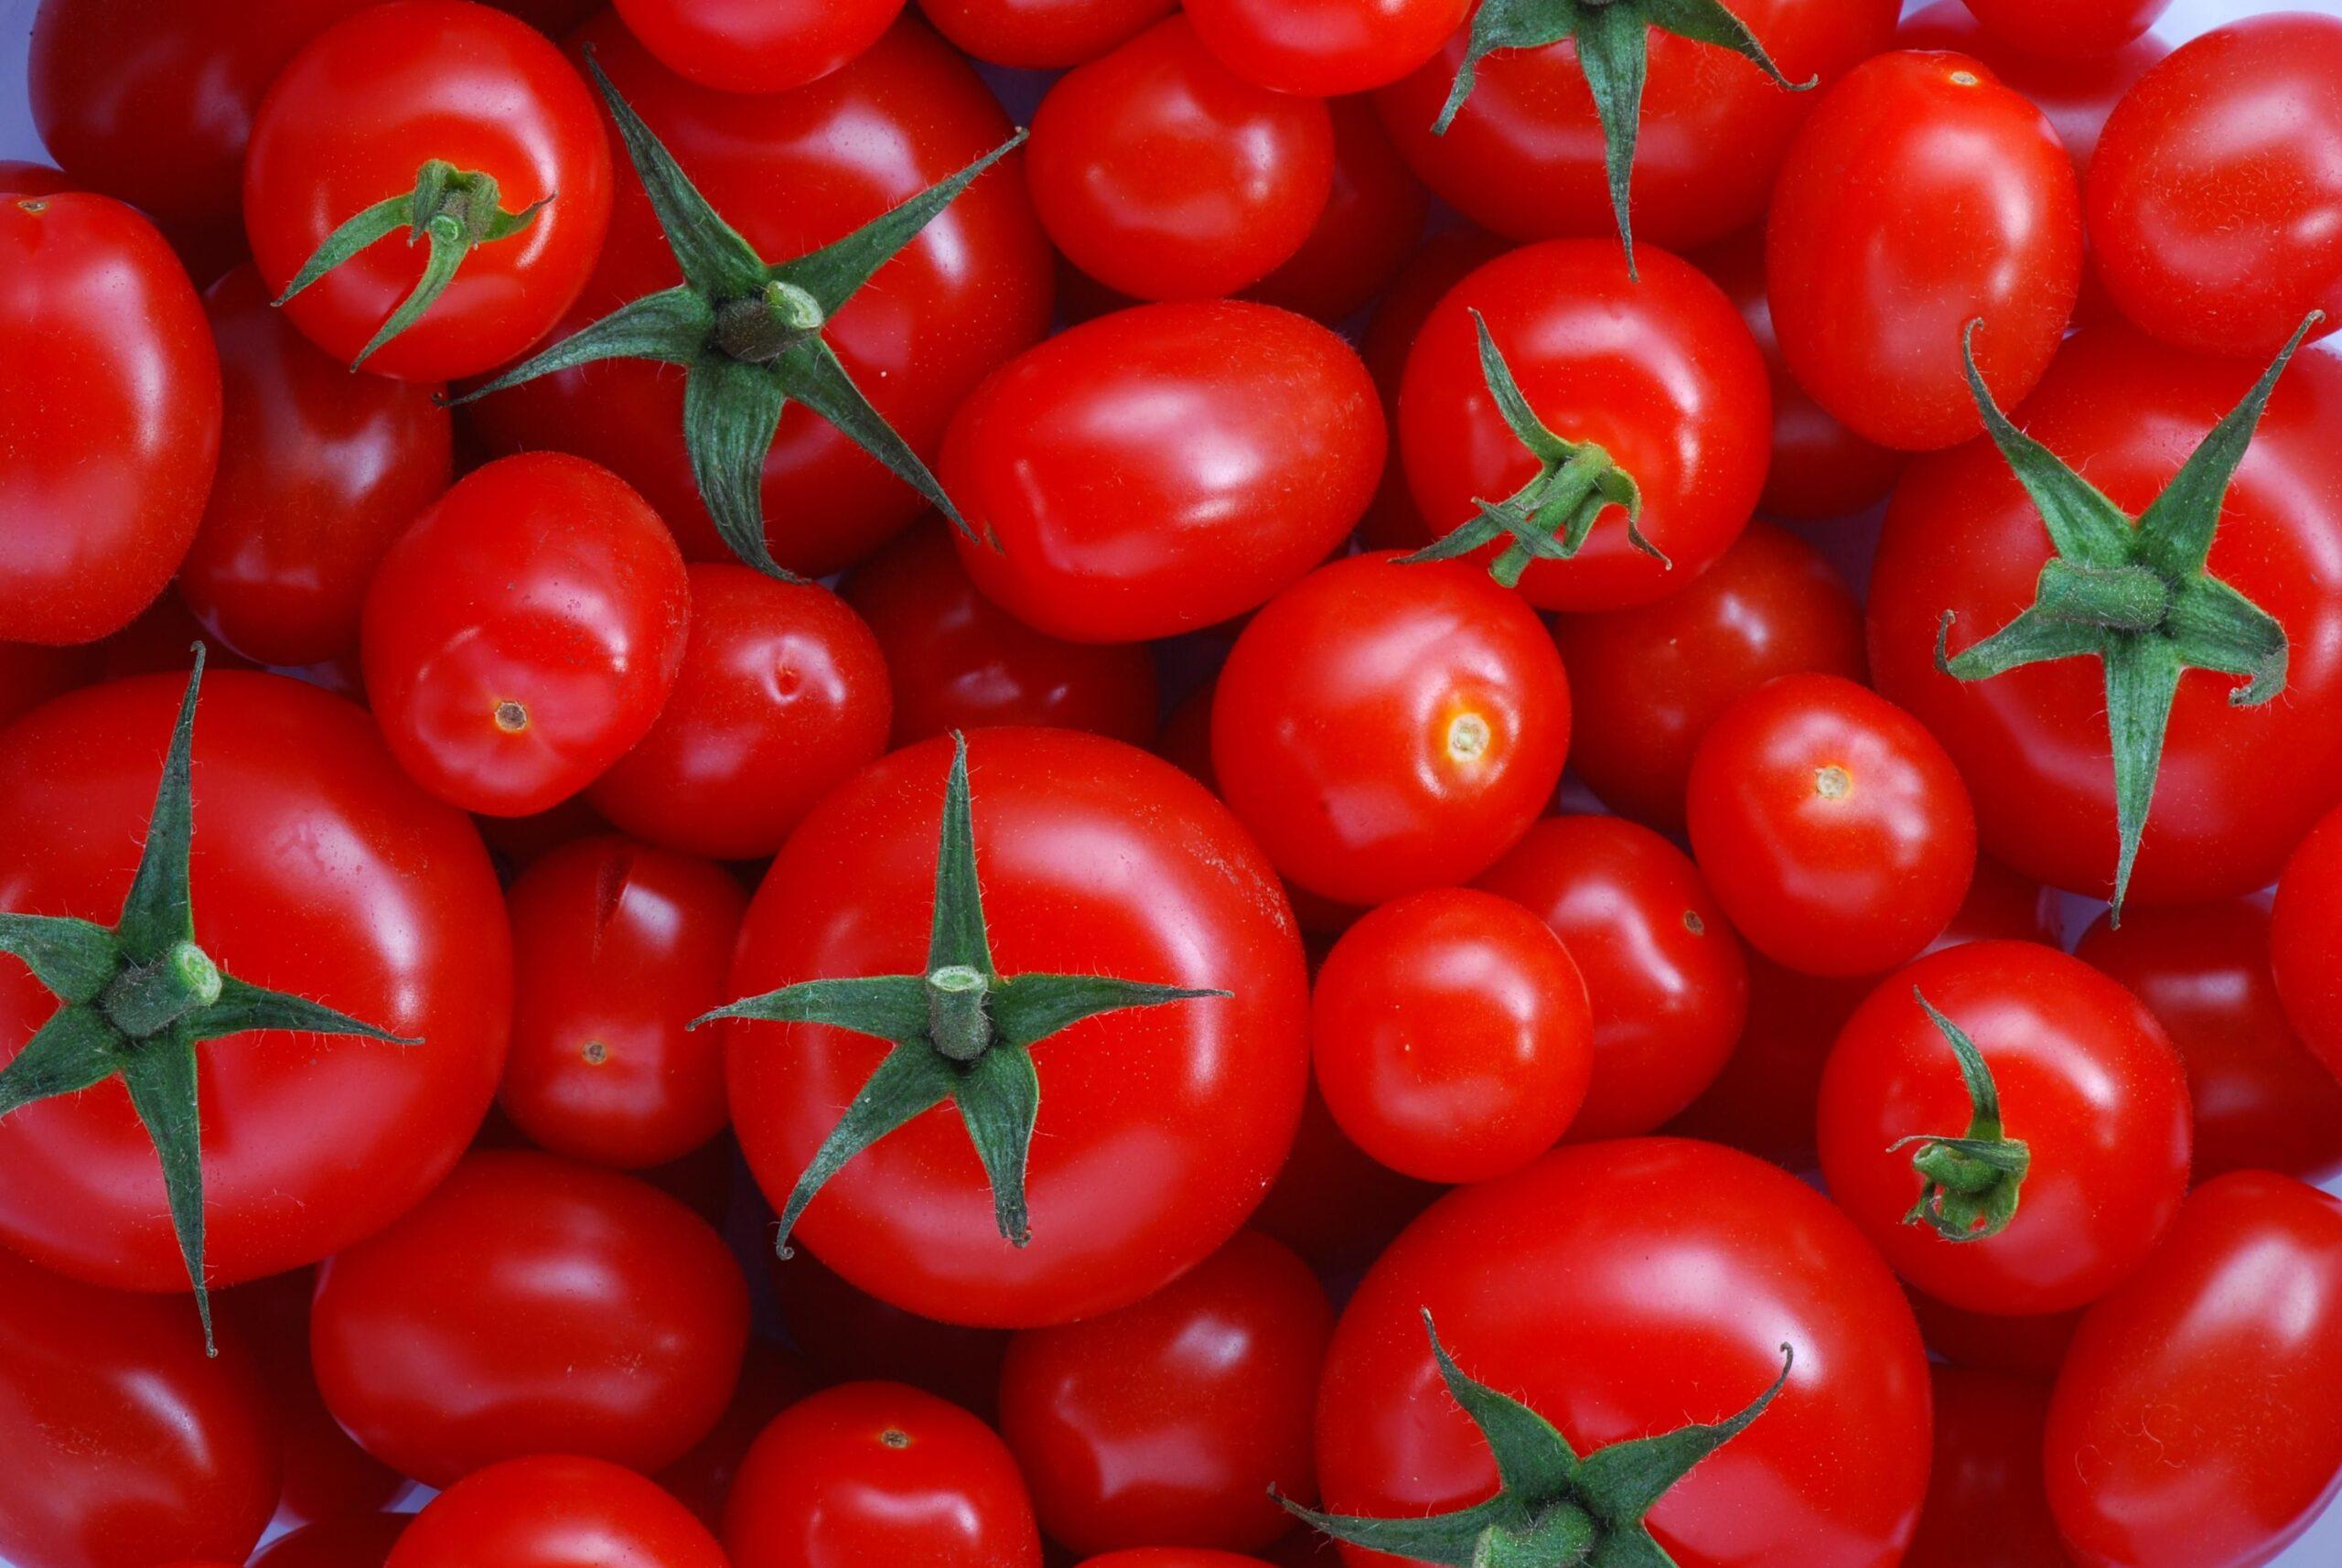 Trucchi per coltivare pomodori belli e buoni